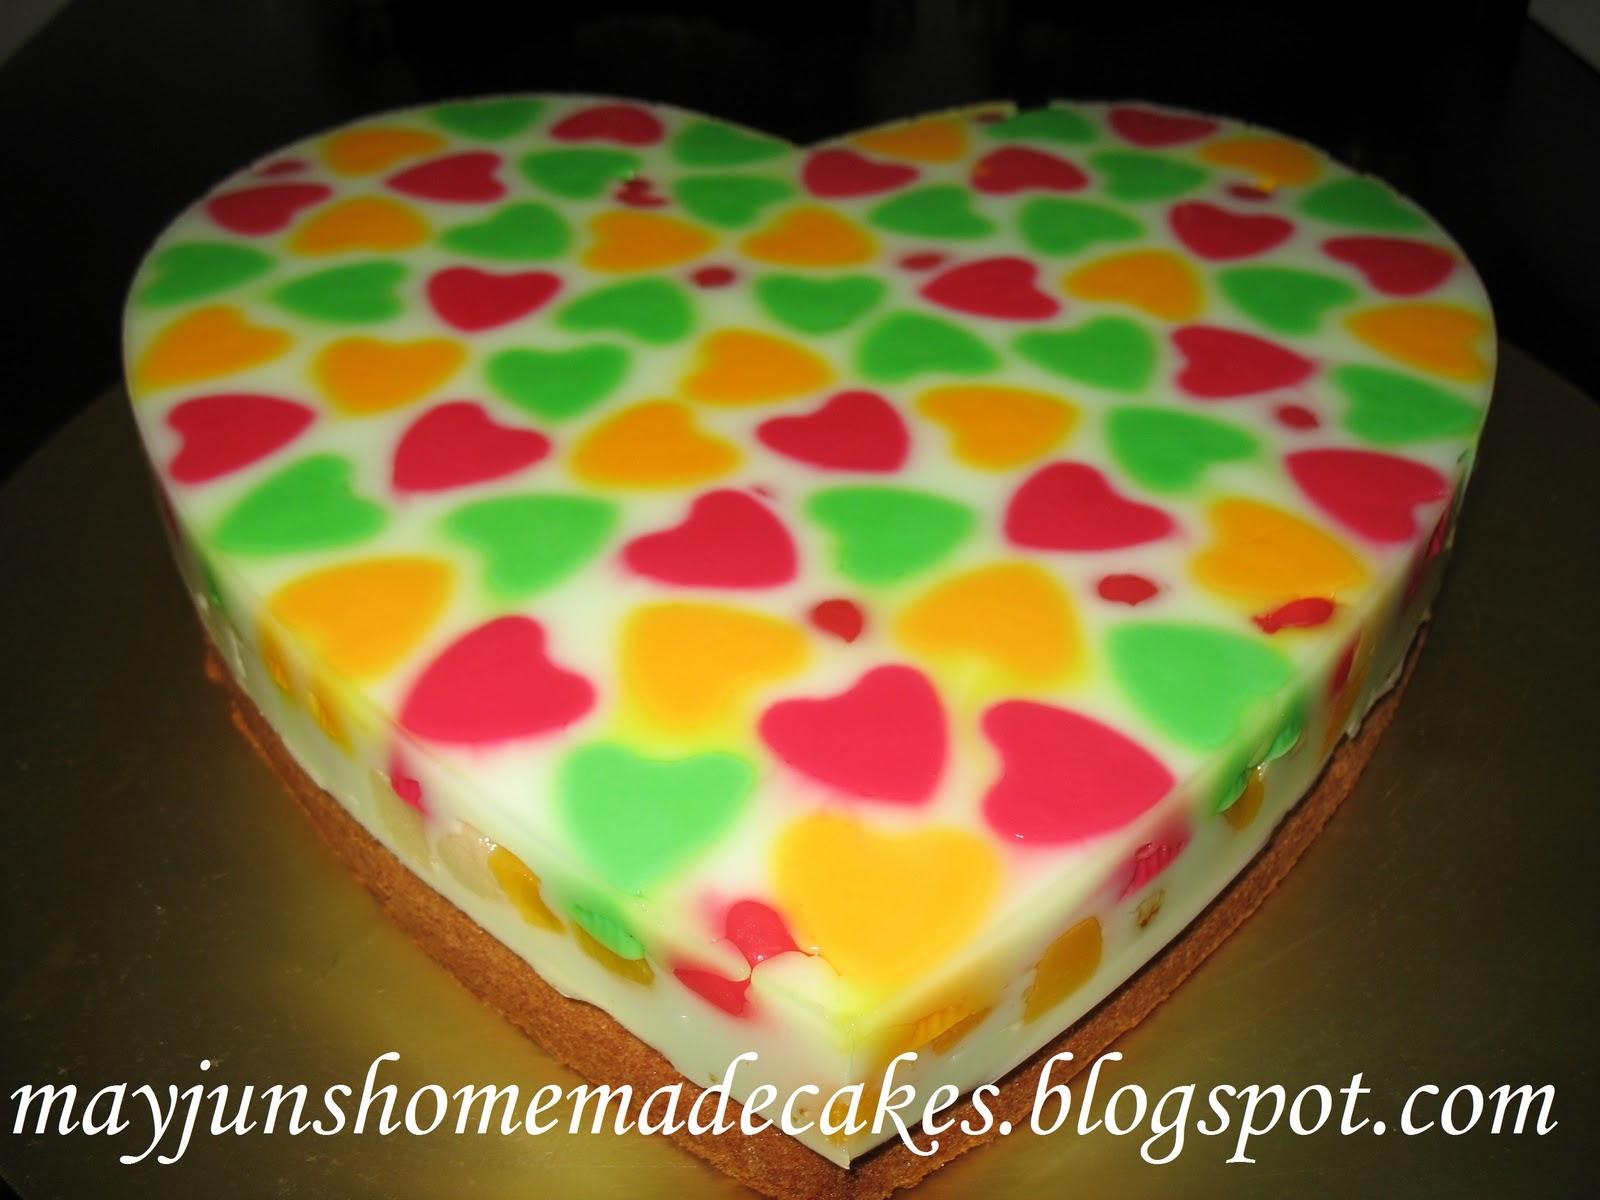 Jelly Cake Making: Mayjun's Homemade Cakes: Lovely Lovely Jelly Cake~ ~10